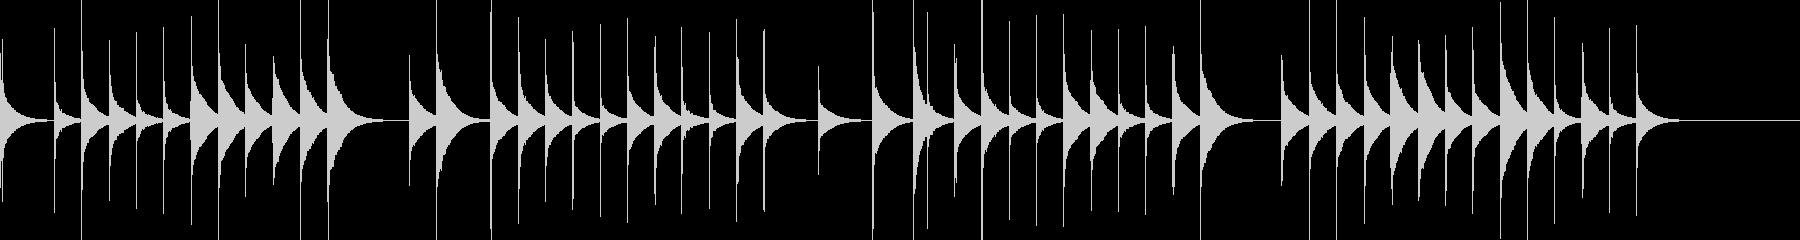 【童謡オルゴール】夕焼け小焼けの未再生の波形